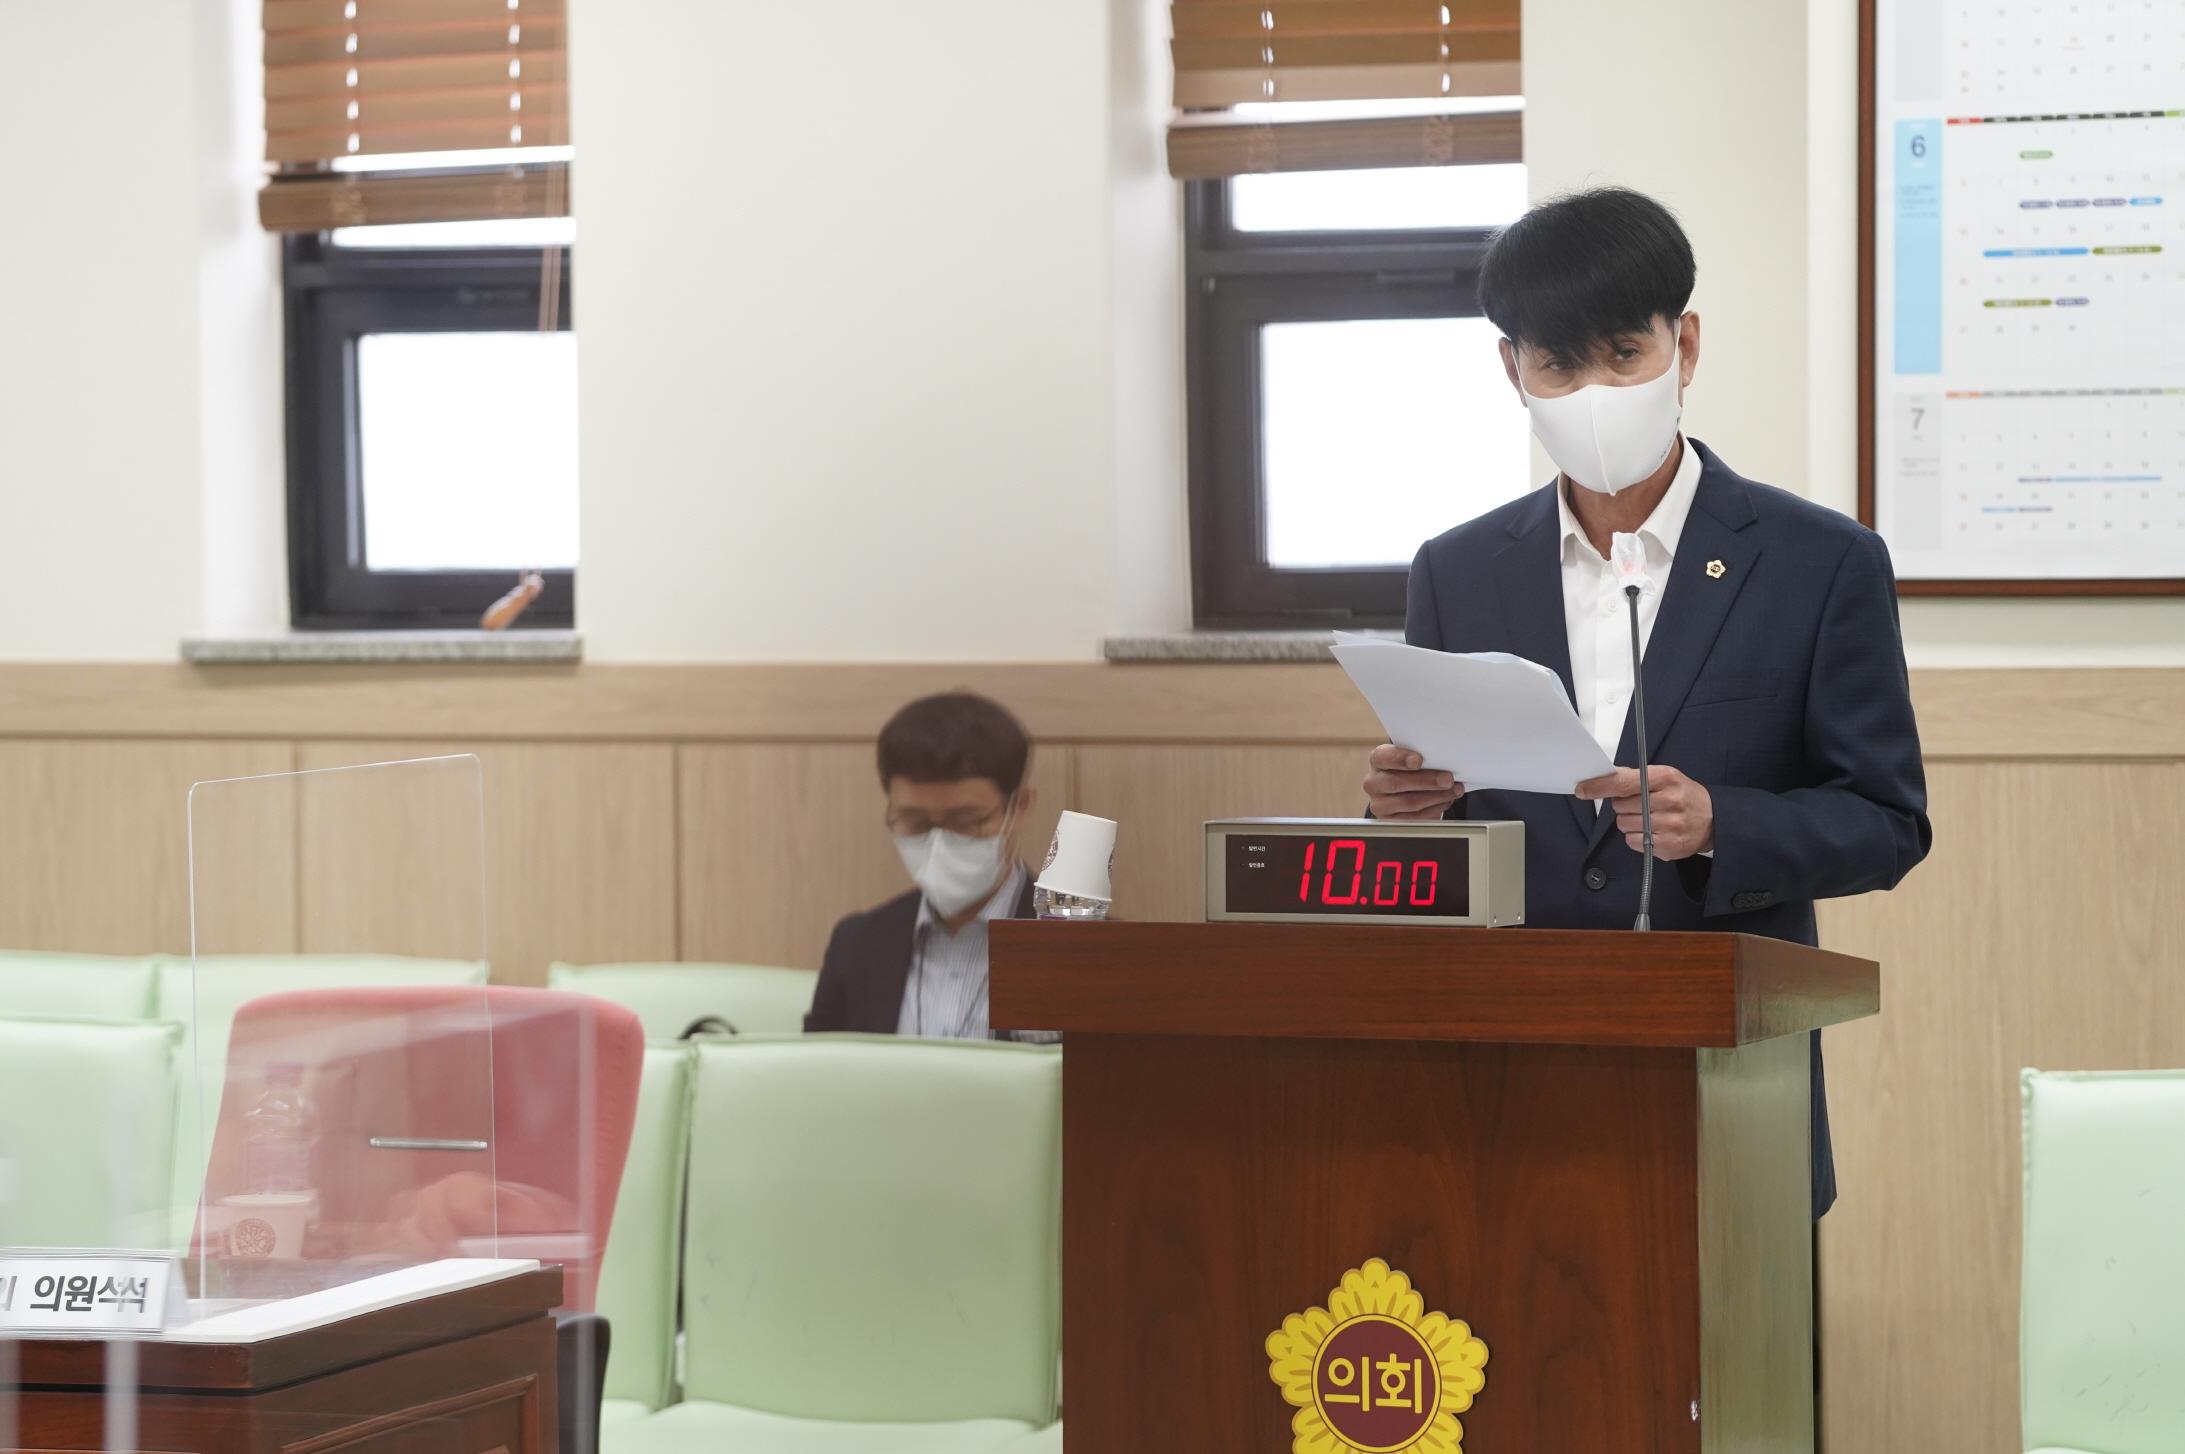 양운석 의원, 경기도소방재난본부 '부장' 직위 신설 관련 건의안 상임위 통과